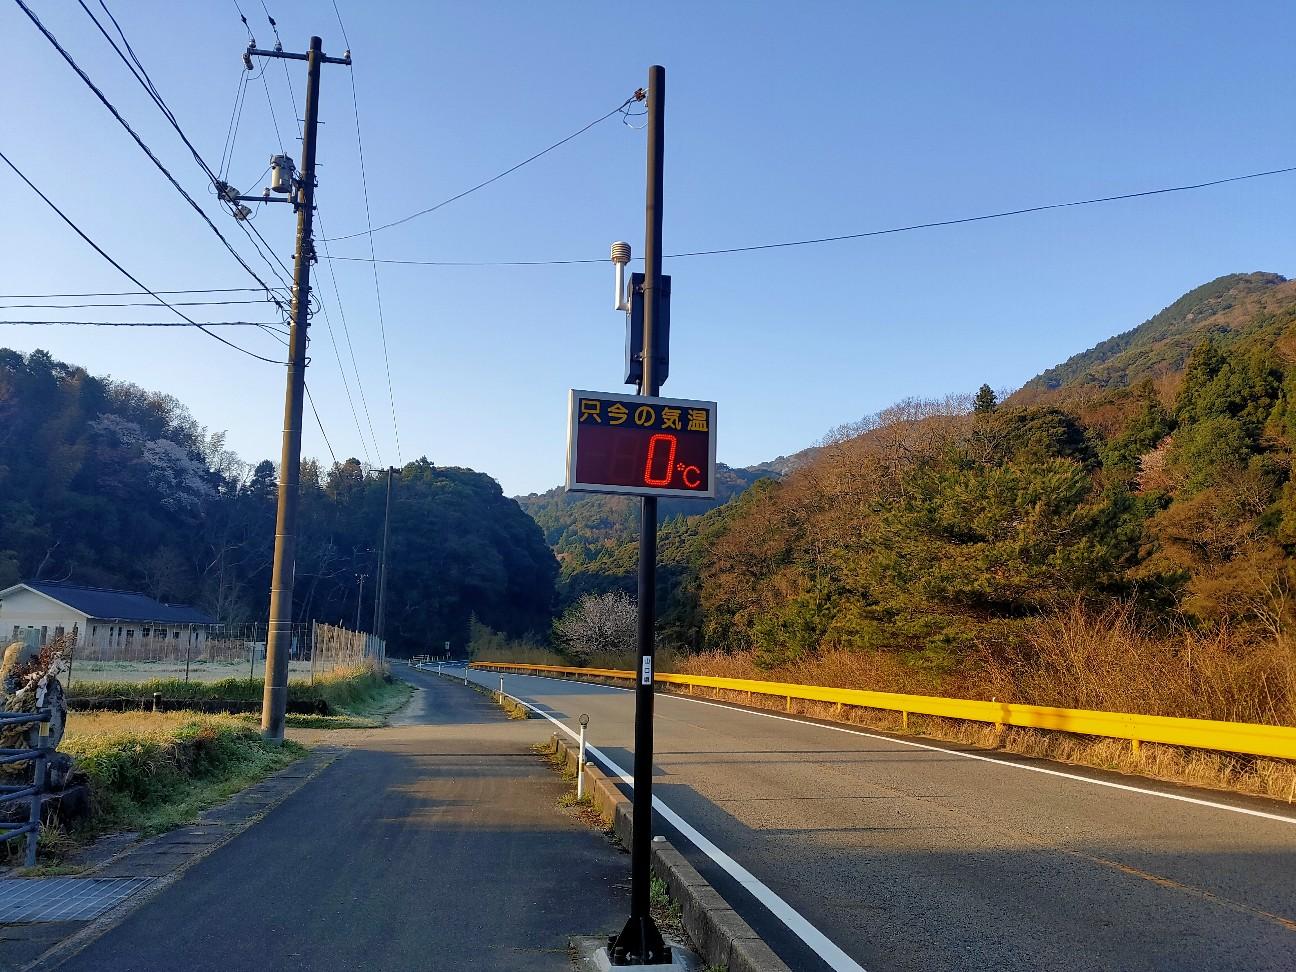 f:id:shingo_shiraishi:20200406213324j:image